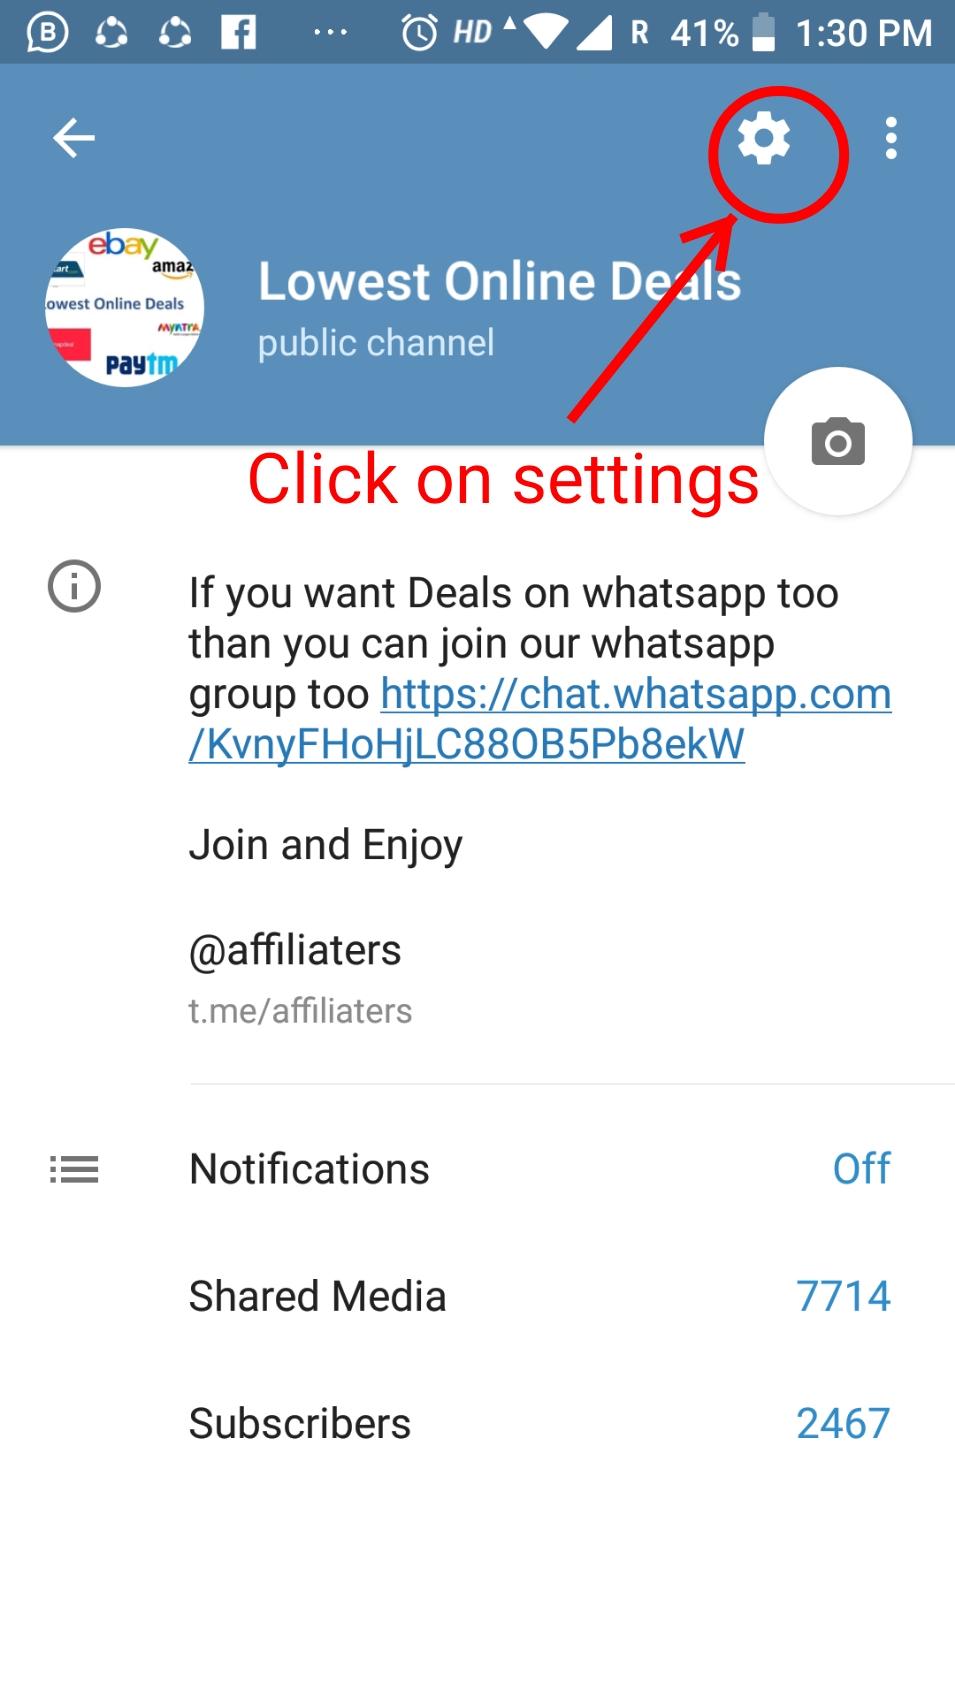 affiliaters telegram